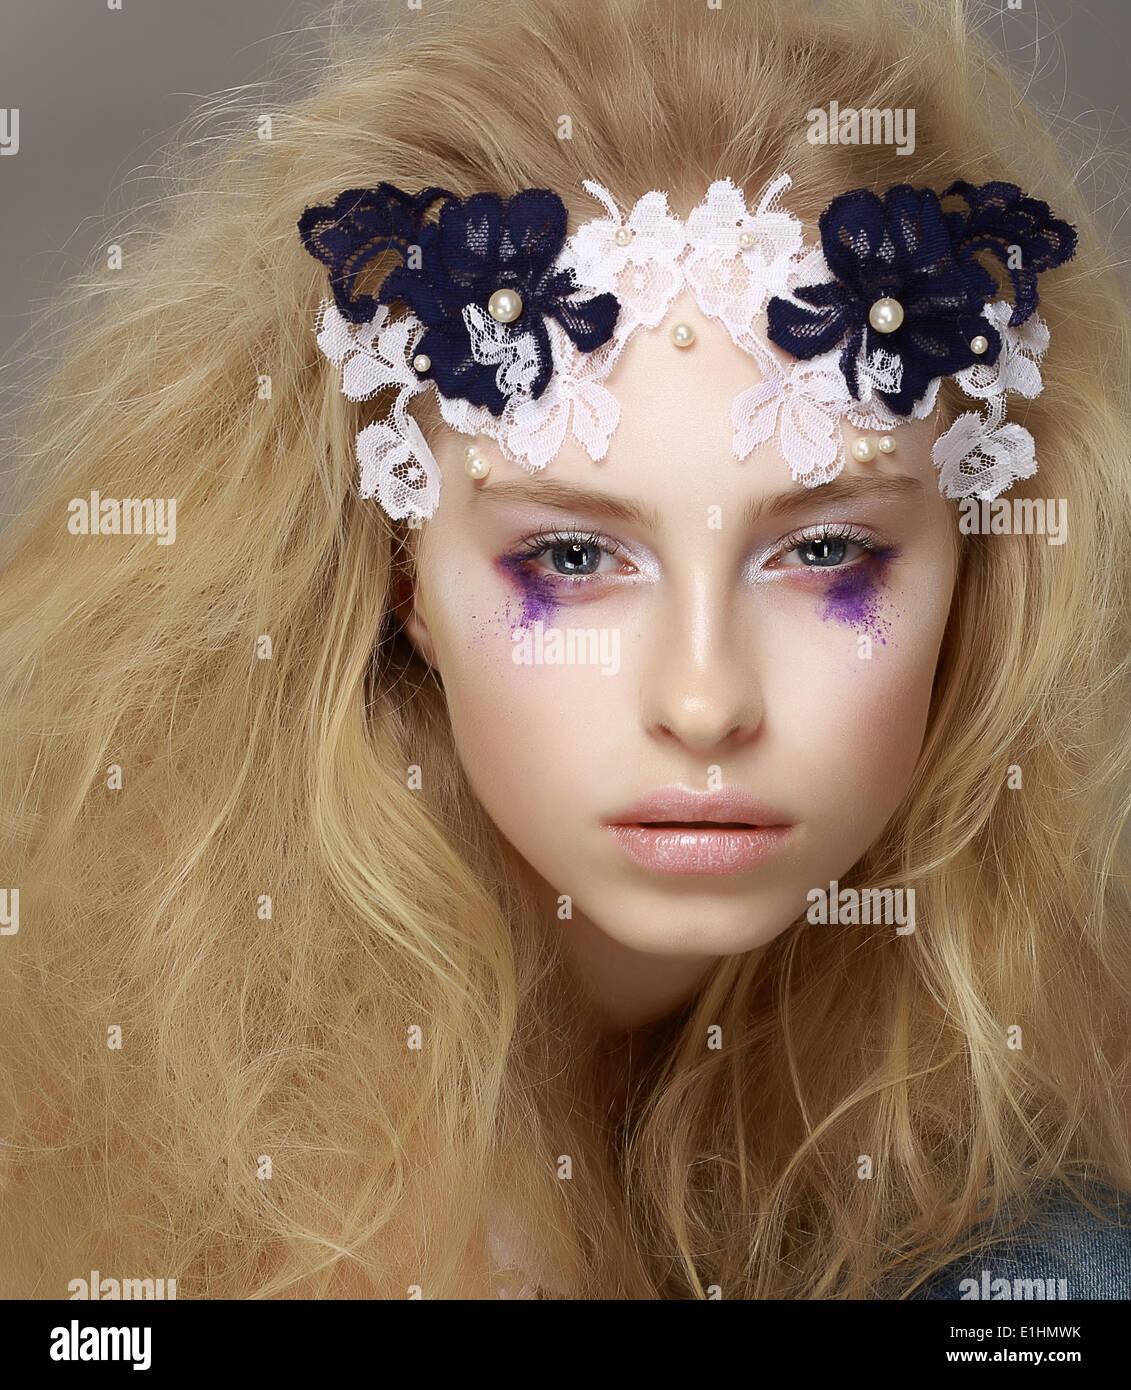 La dentelle. Closeup Portrait of Fashion model attractif élégant moderne avec un miroir Photo Stock